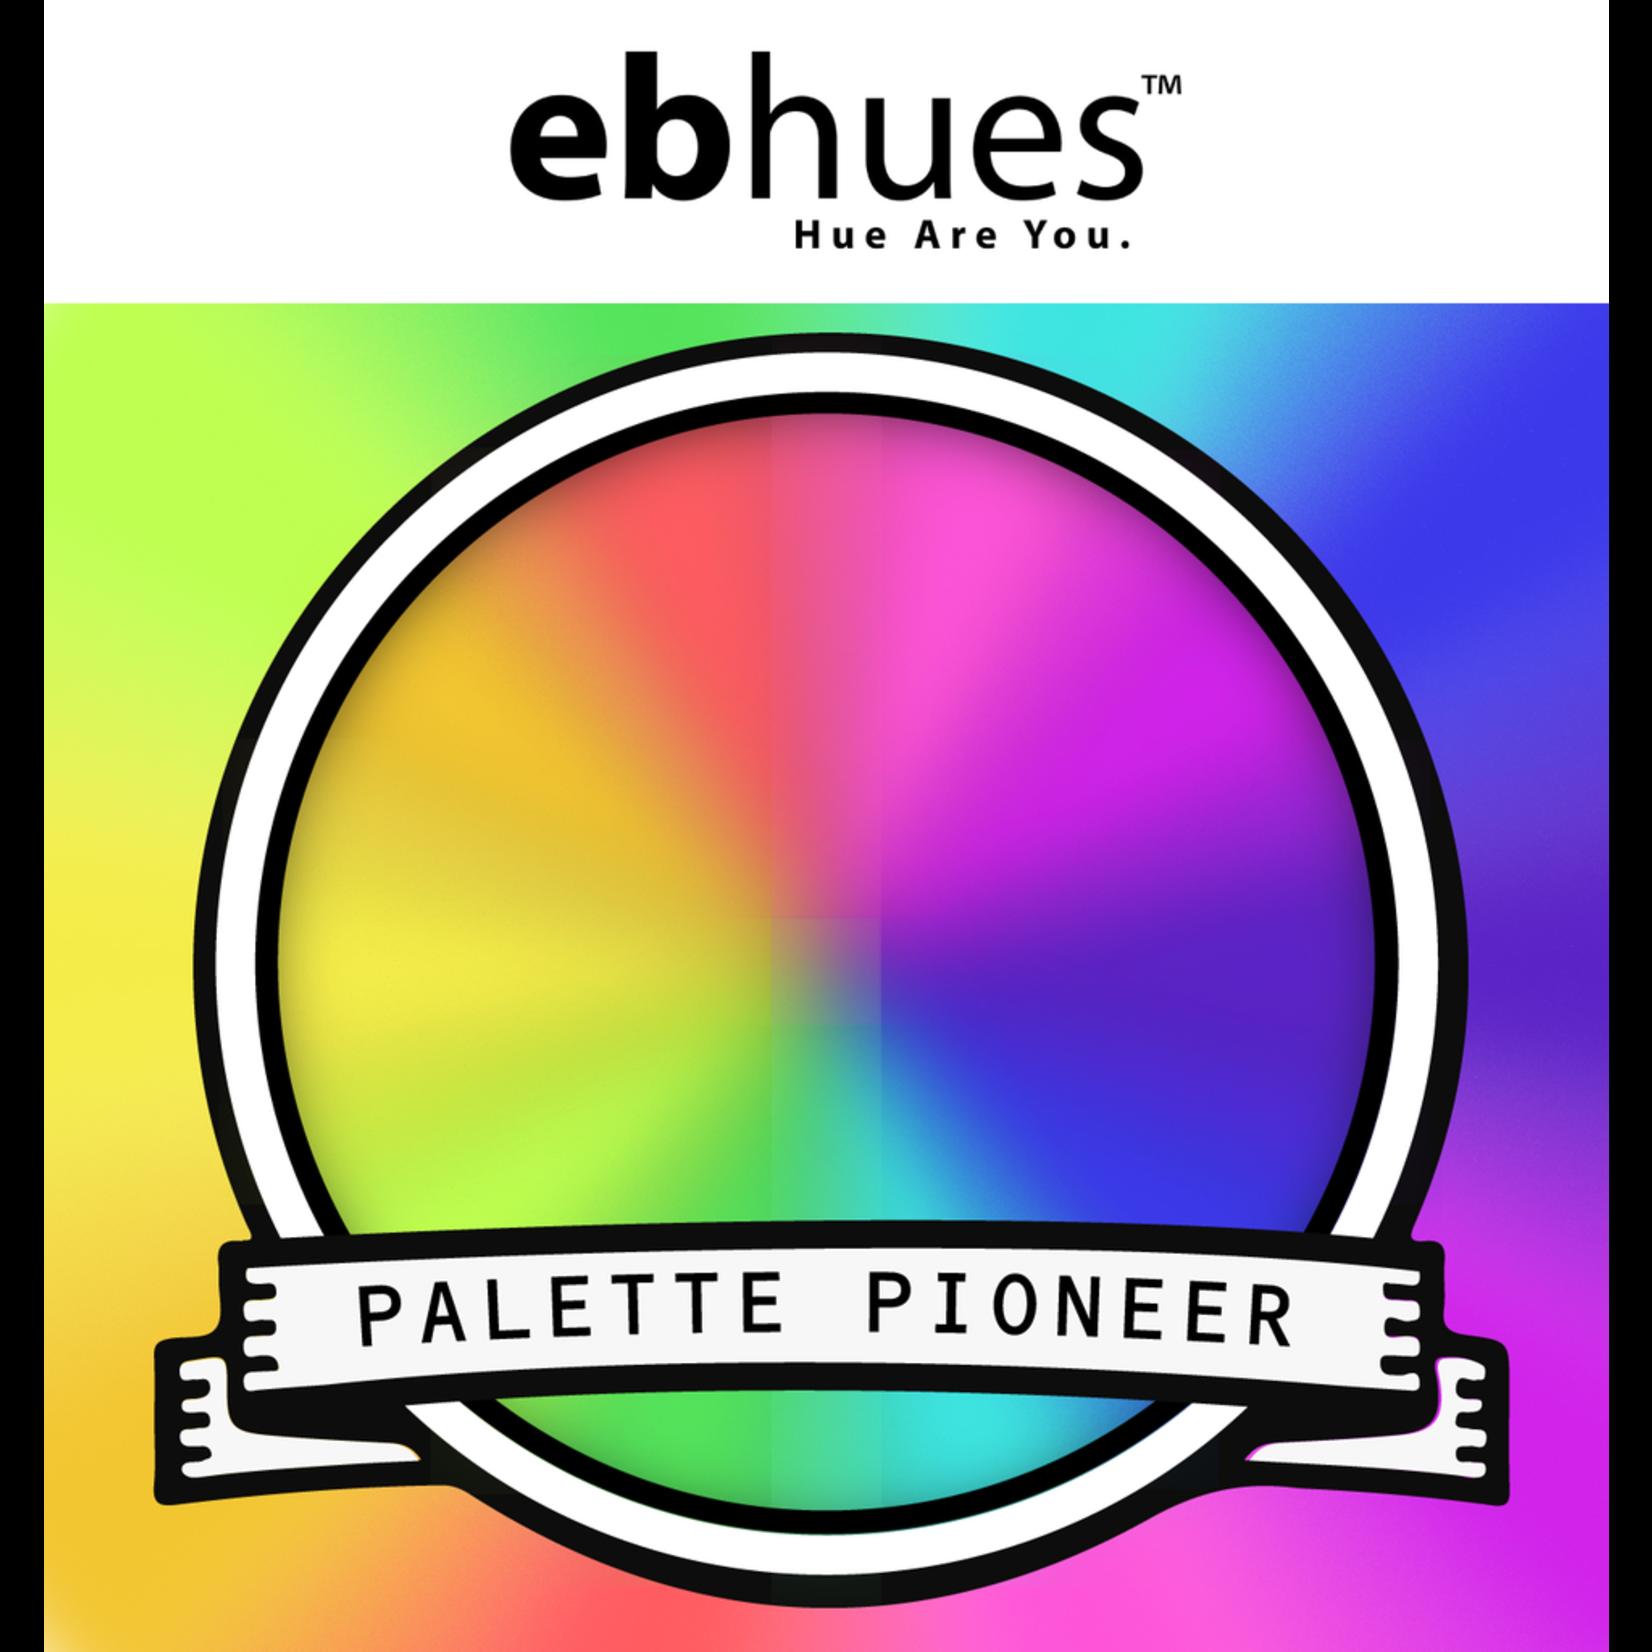 Palette Pioneer